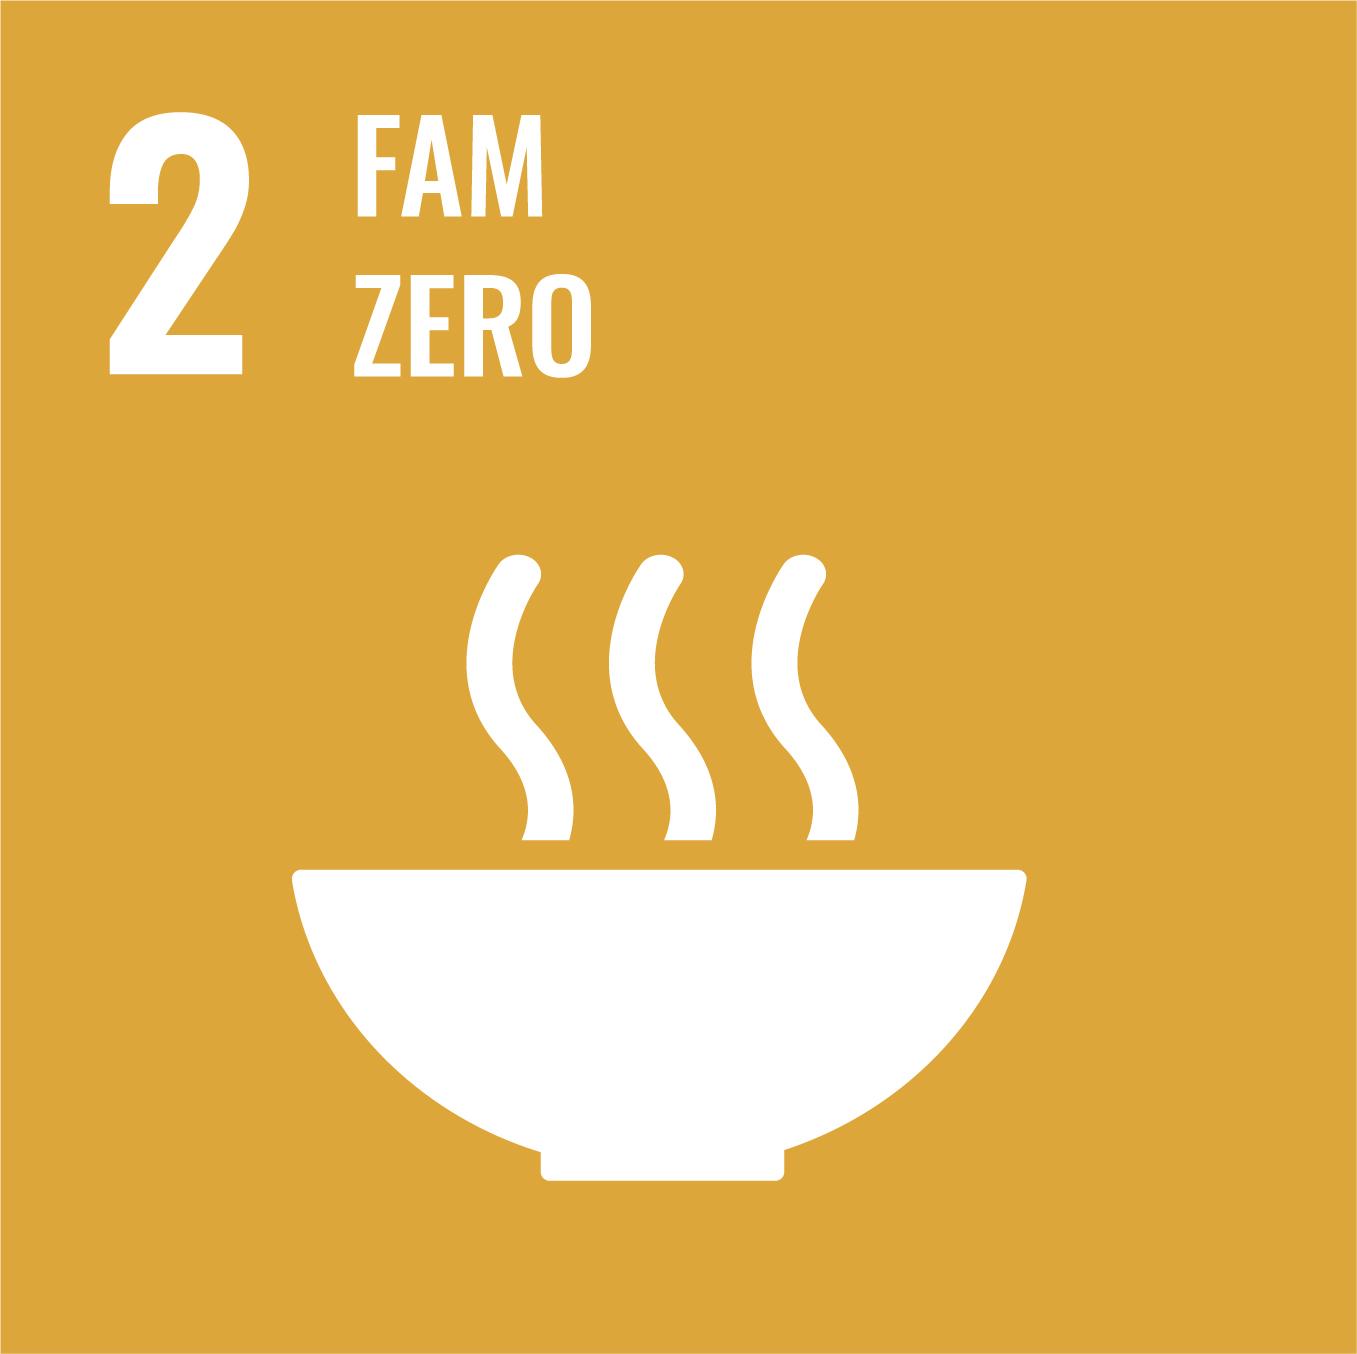 Fam Zero - Objectiu 2